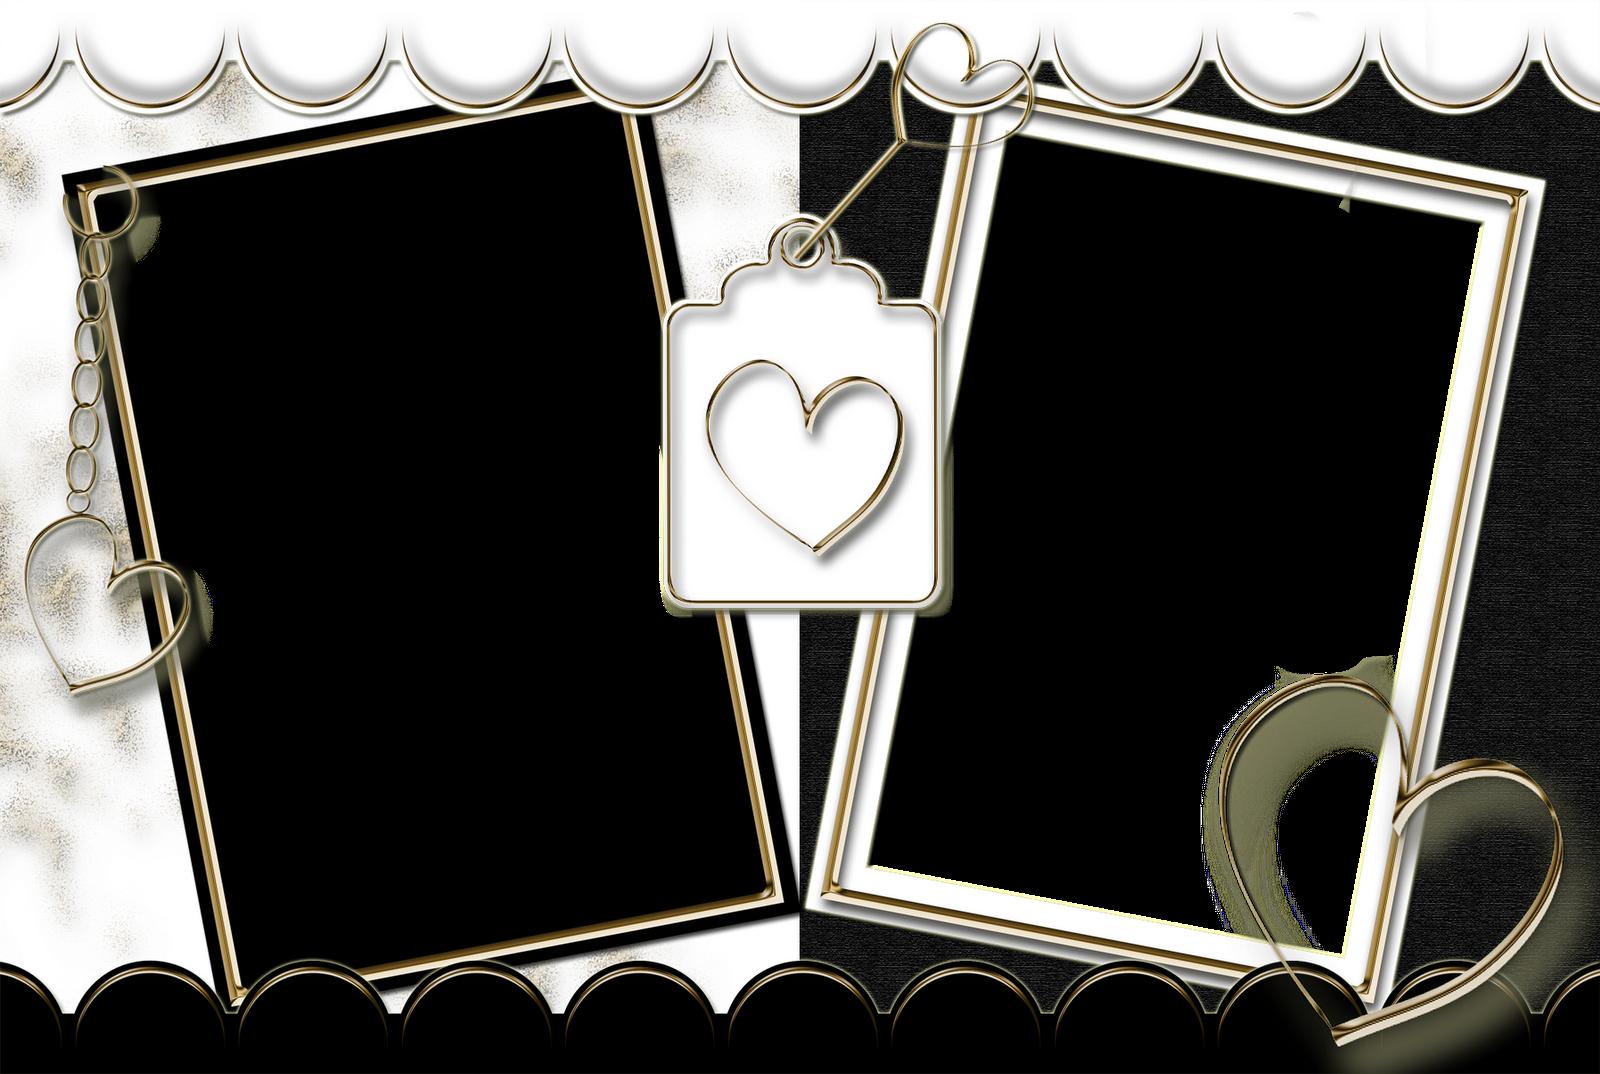 Marcos para fotos con corazones | Fondos de pantalla y mucho más